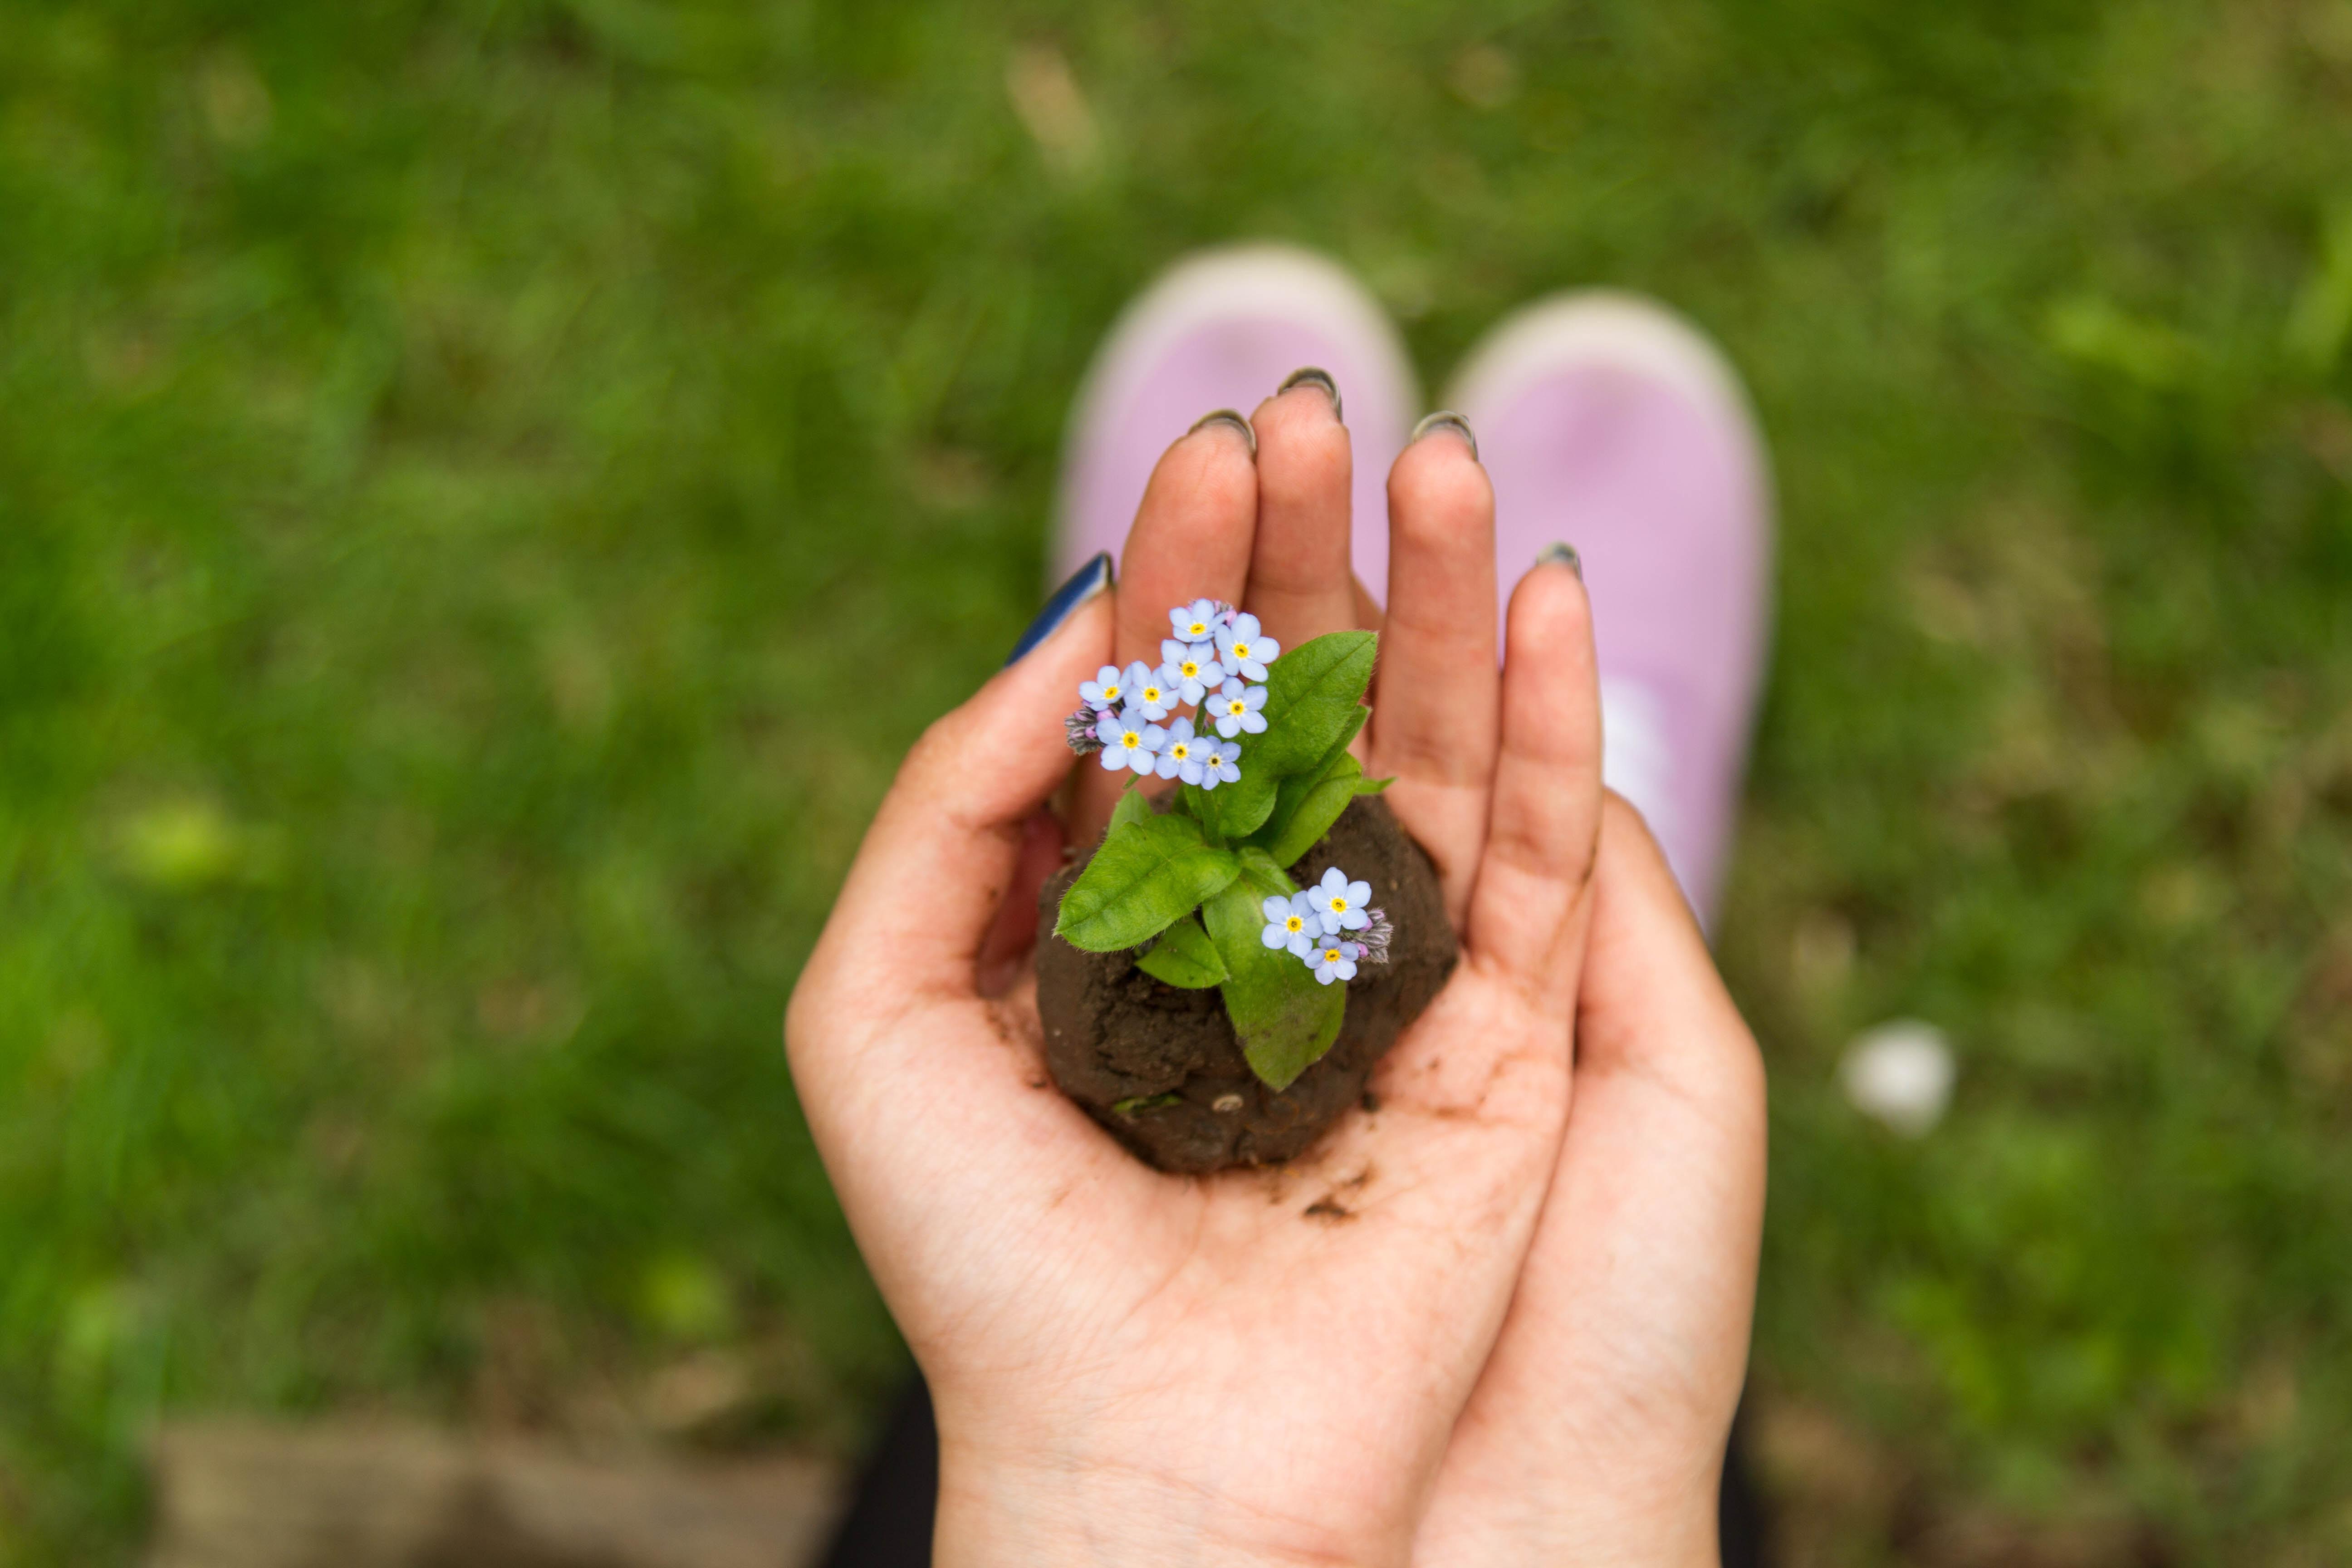 Lanterne Da Giardino Fai Da Te : Come arredare il giardino idee fai da te originali e a costo